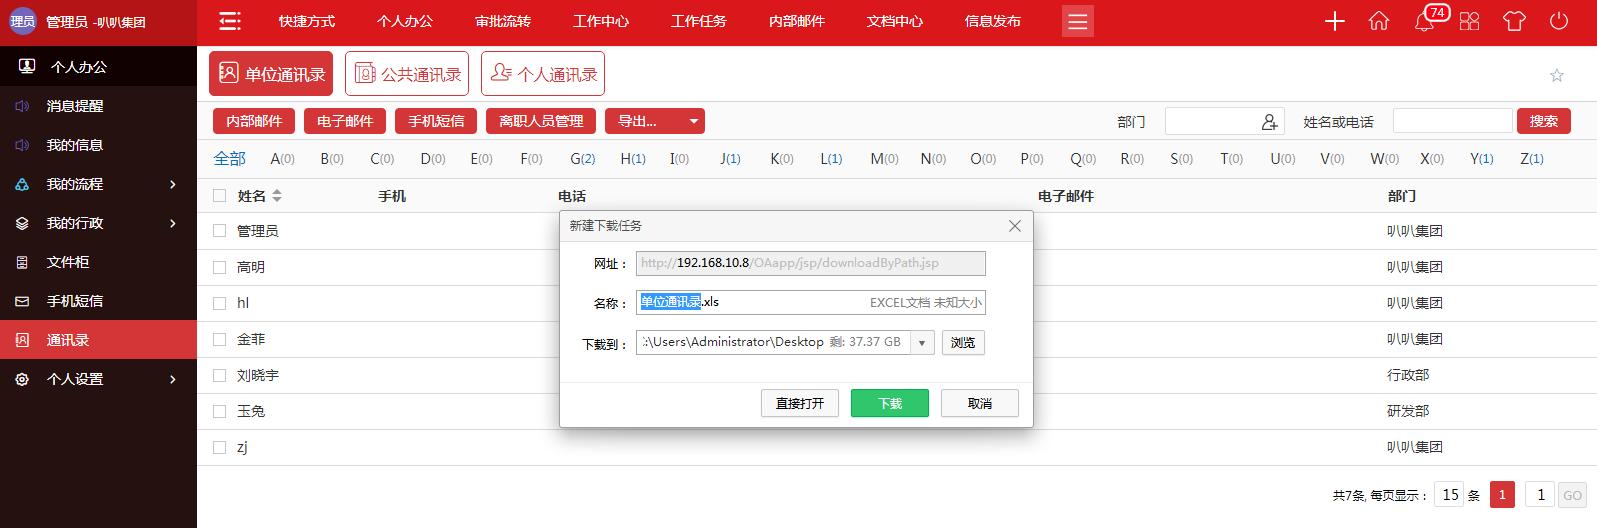 工作联络随时查  华天动力政务OA系统通讯录